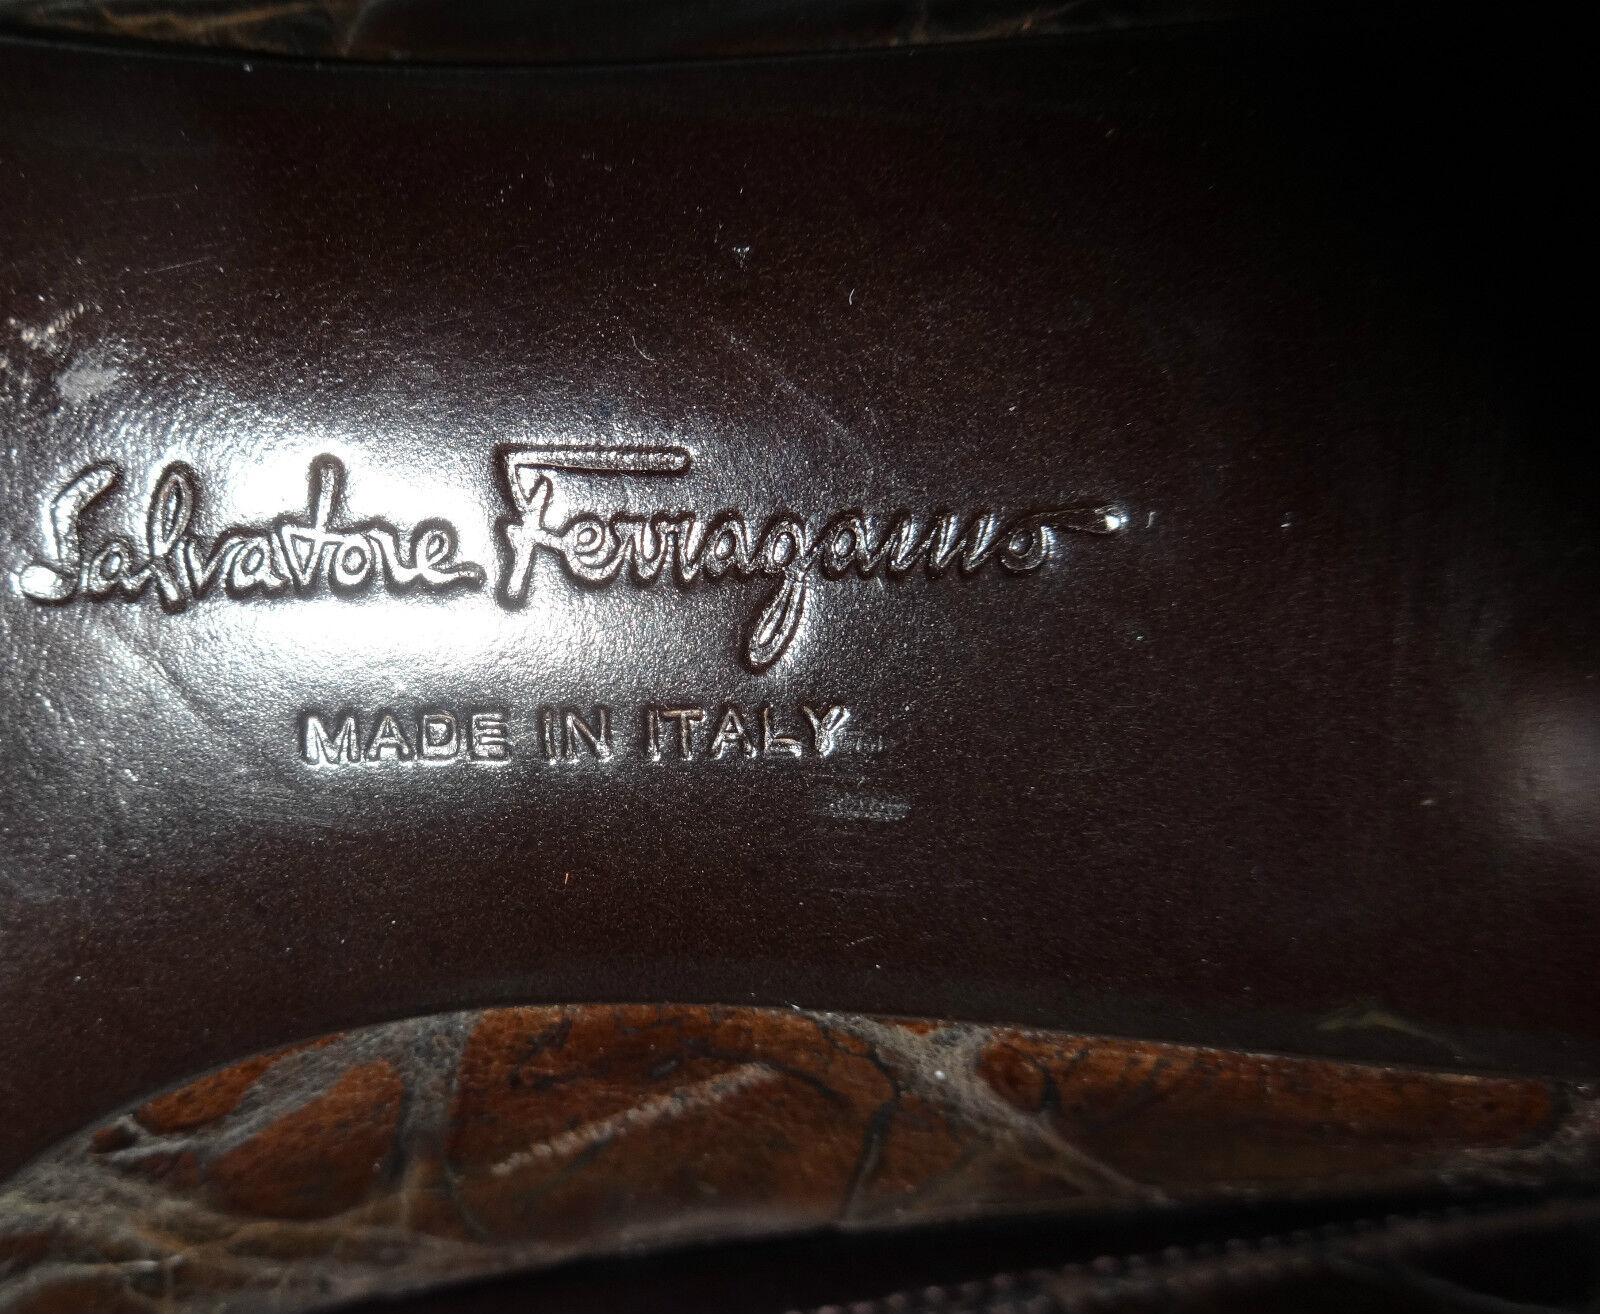 Salvatore Ferragamo elegante Pumps braun Kroko 8,5 Absatz (38,5) Absatz 8,5 3cm neuwertig 00027f